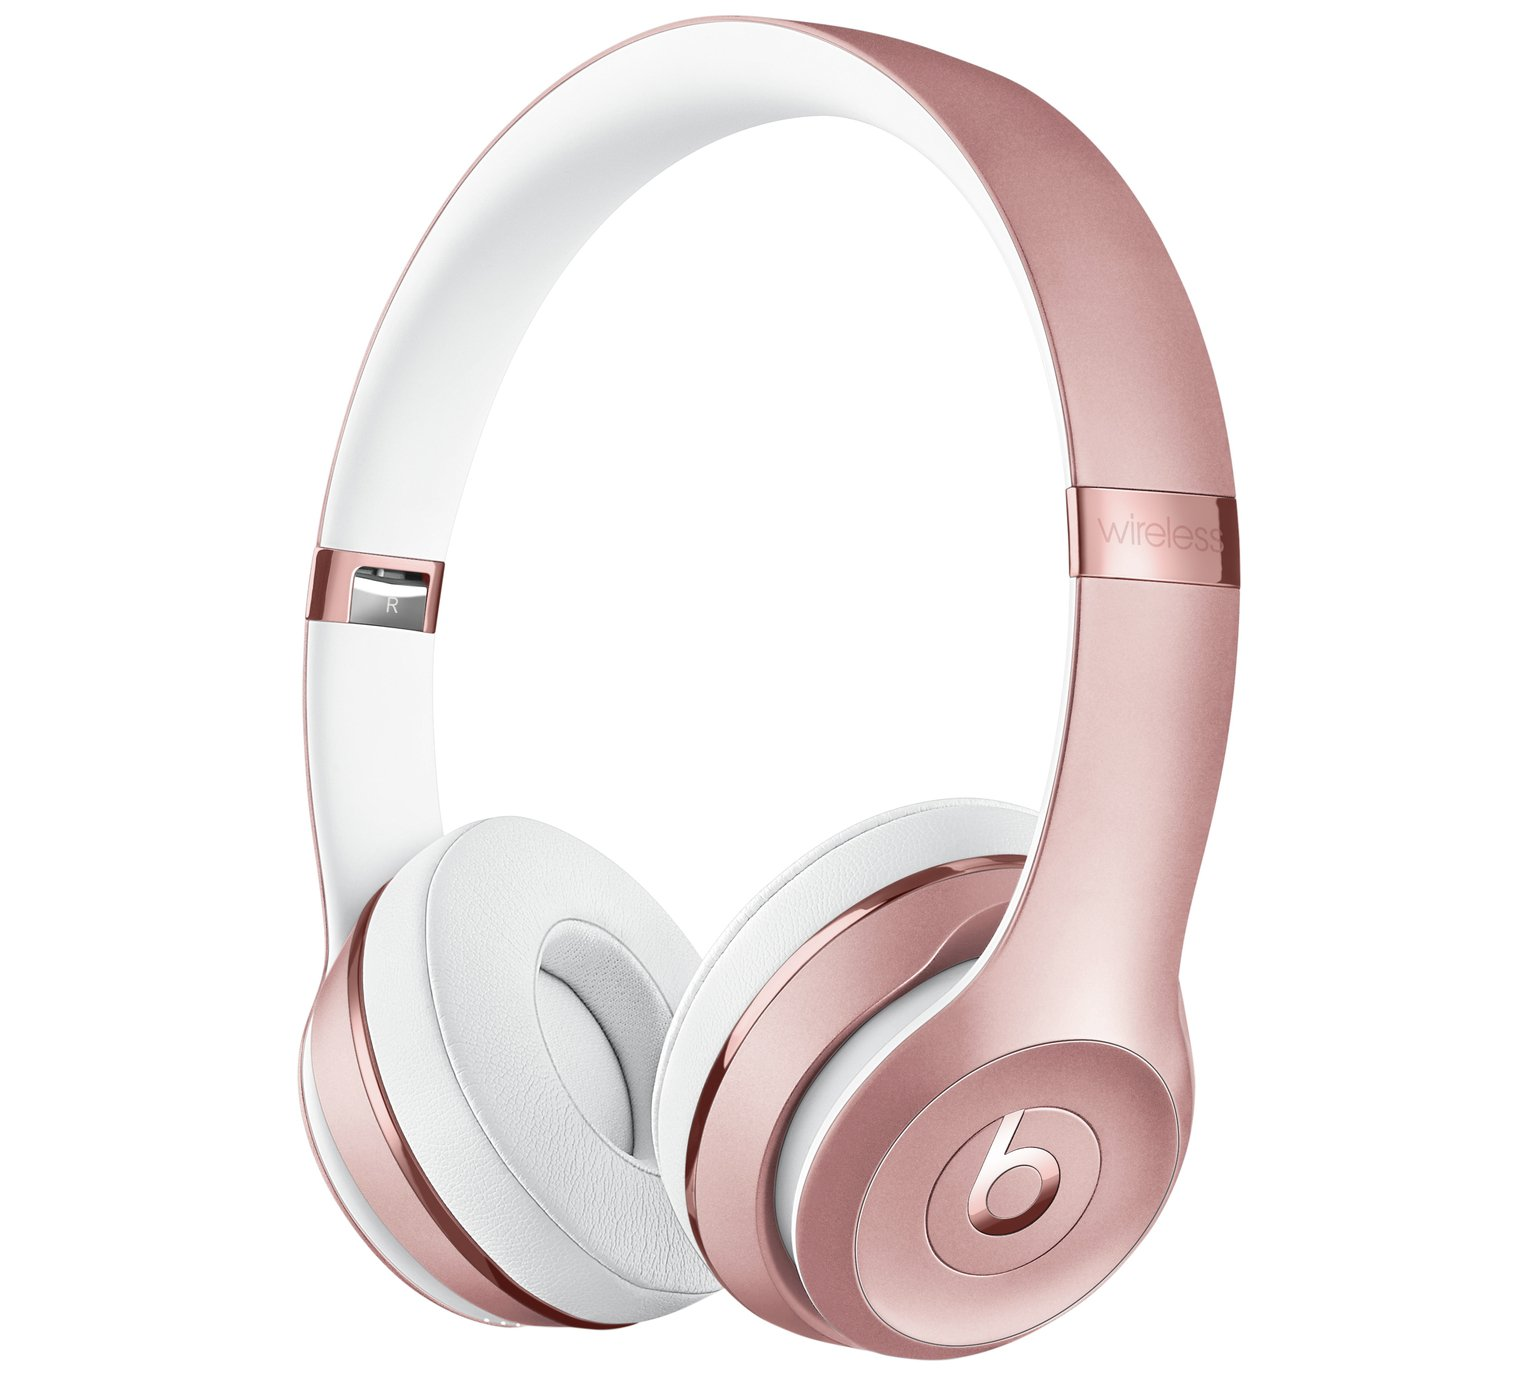 Beats by Dre Solo 3 On-Ear Wireless Headphones - Rose Gold